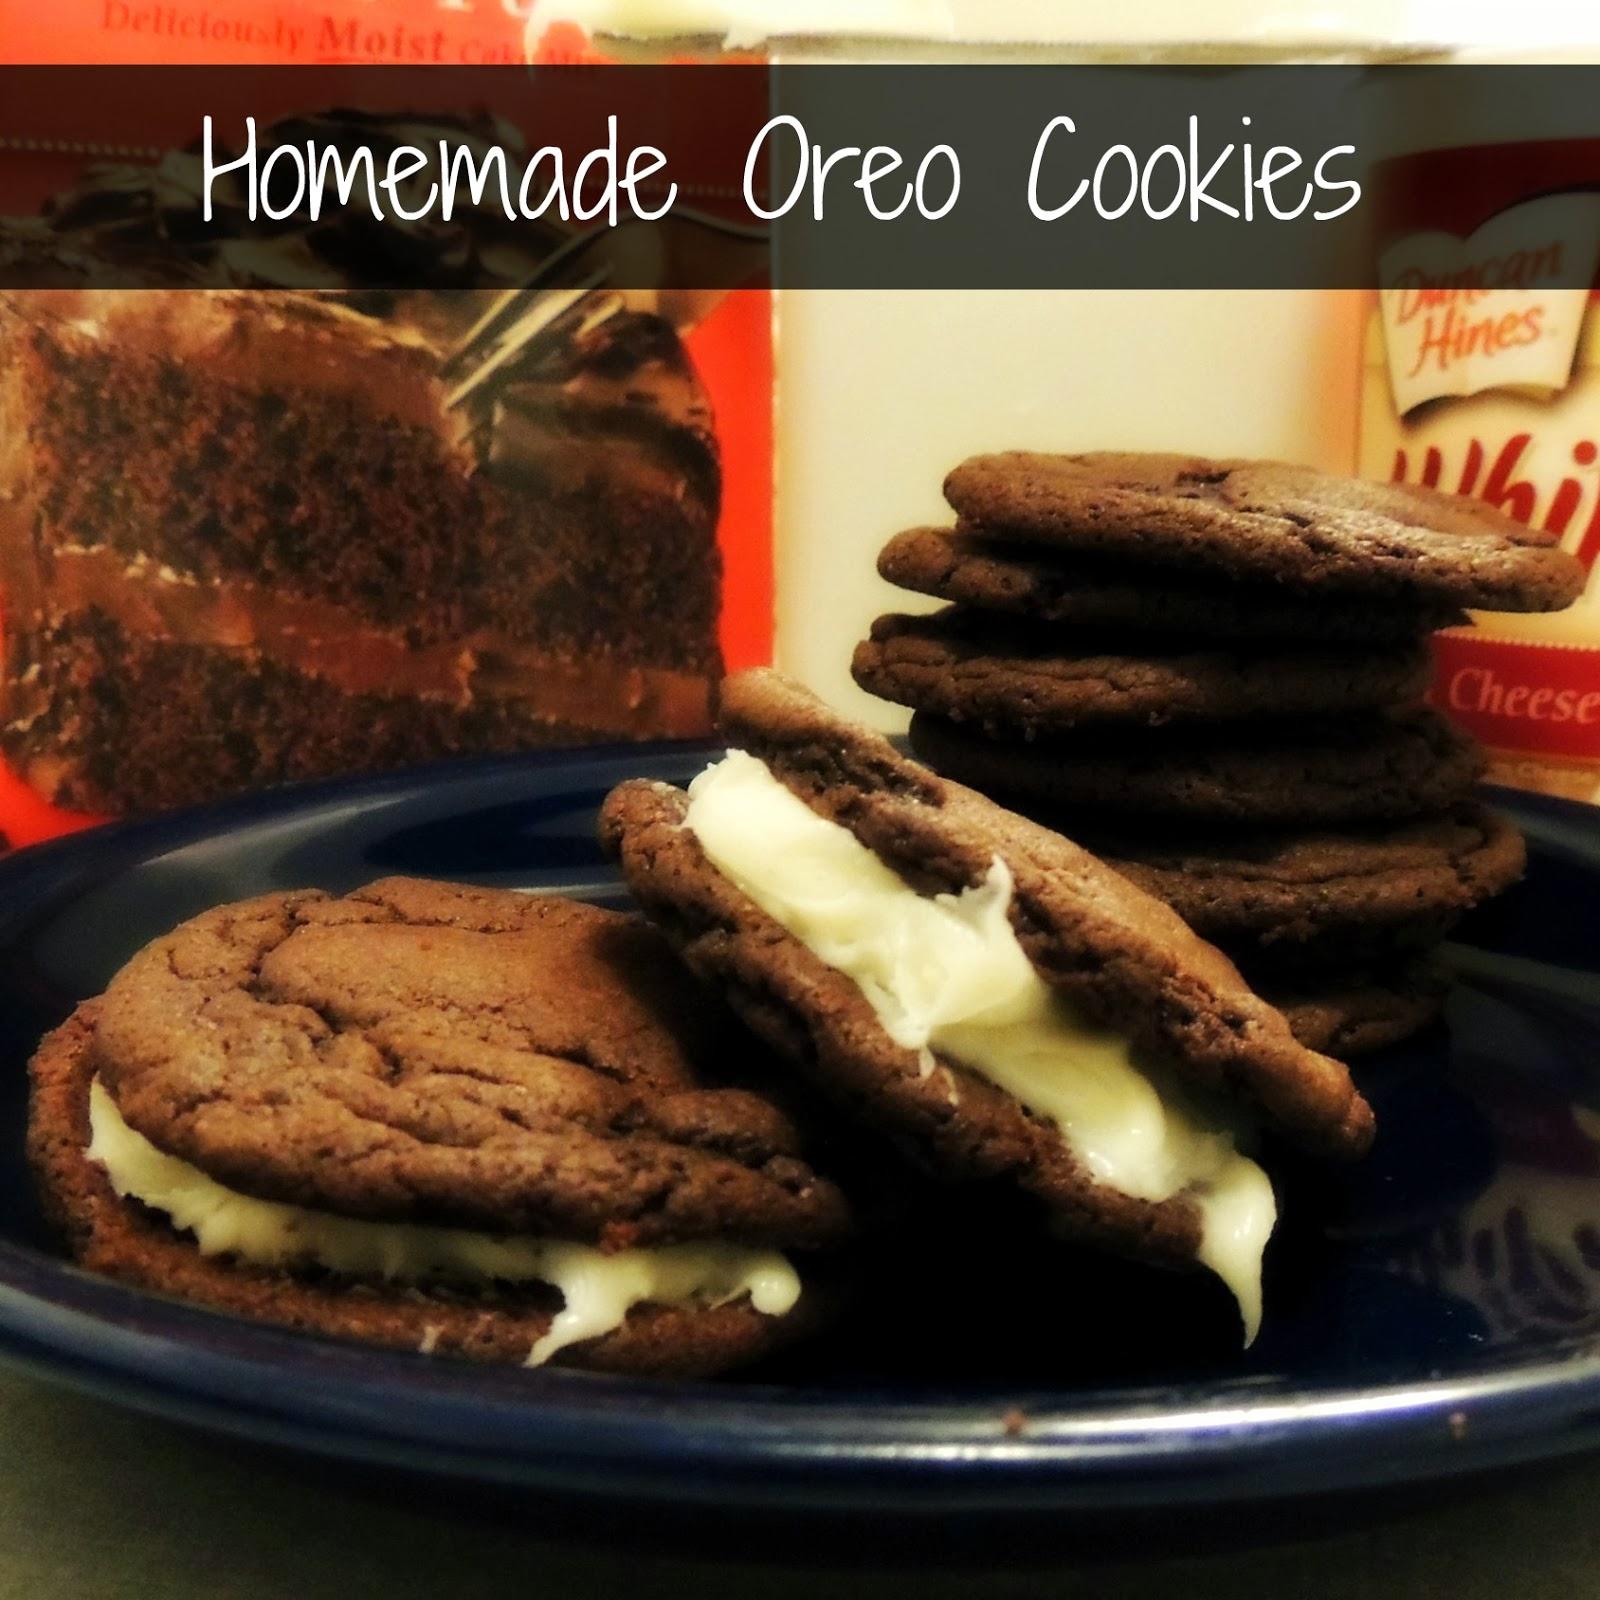 Homemade-Oreo-Cookies